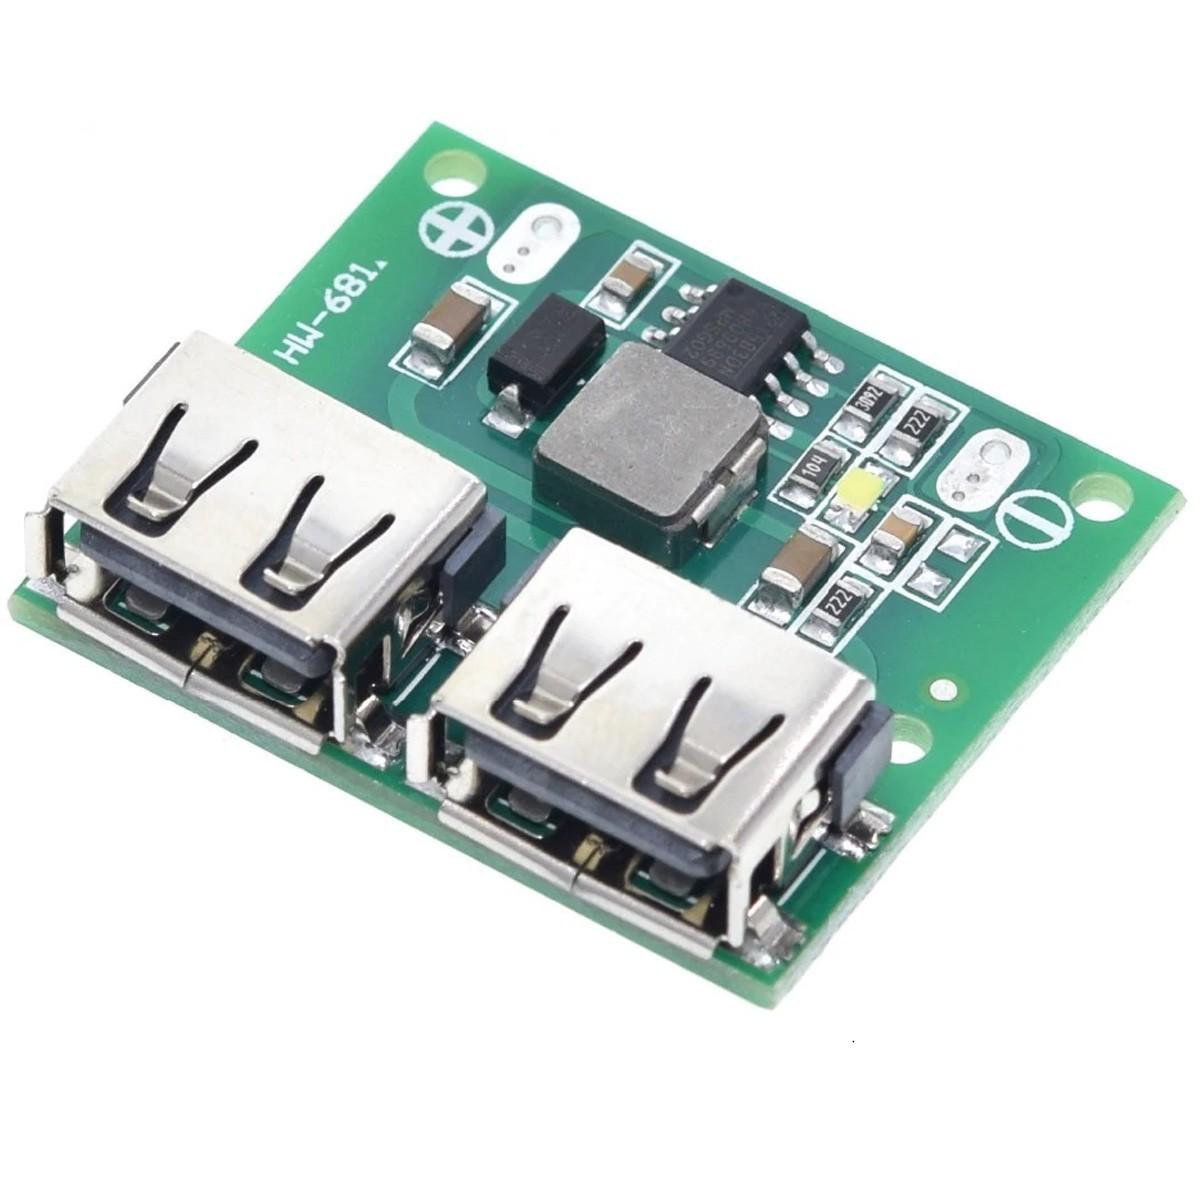 2x Conversor Regulador de Tensão 6 a 26v Step Down para 5V 3A